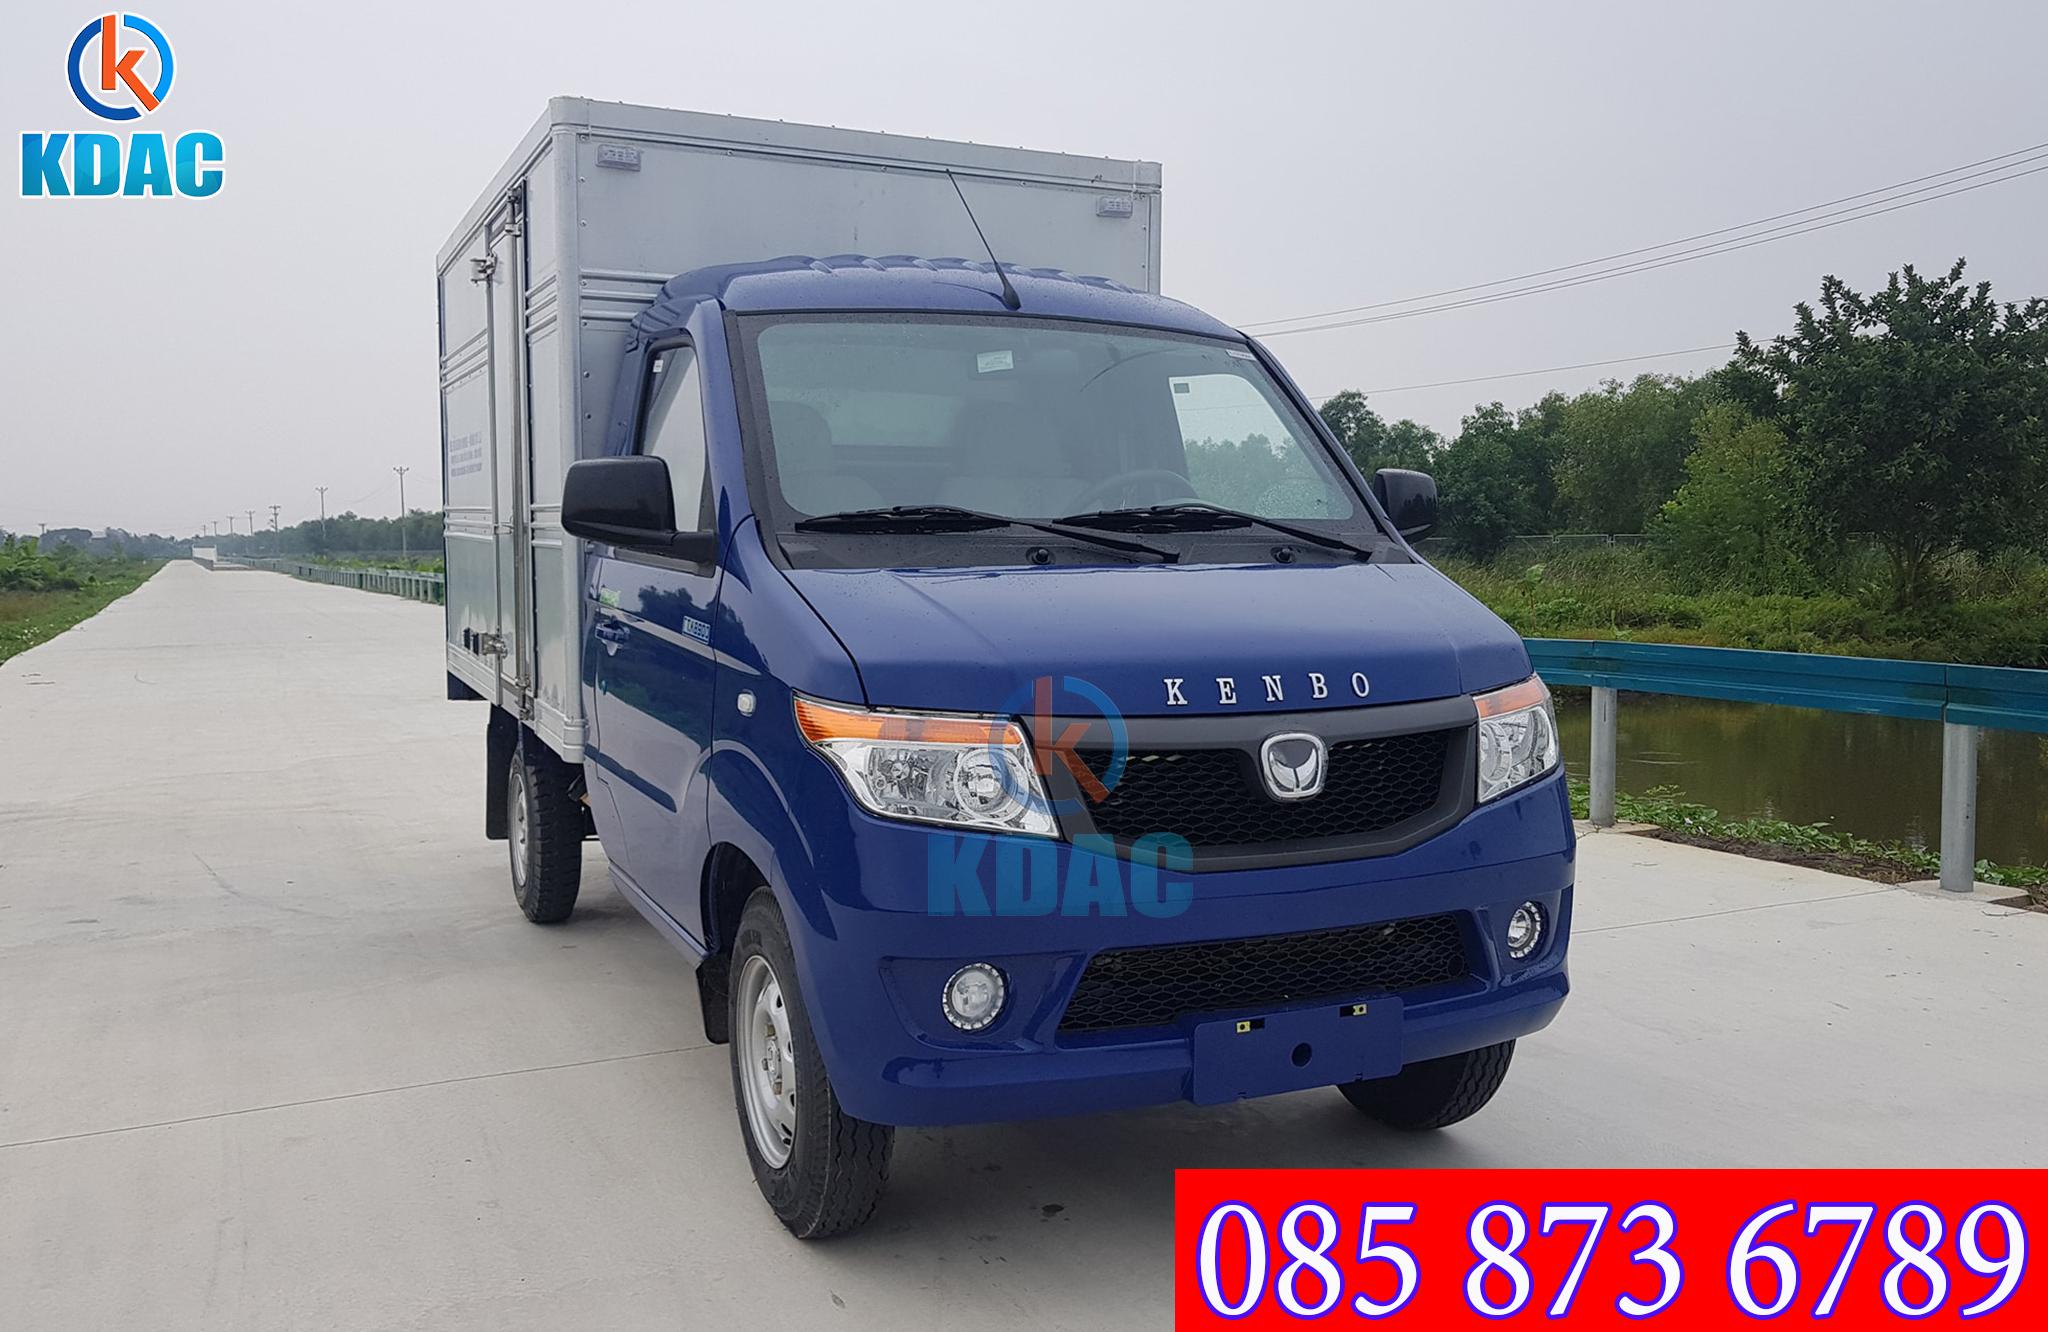 Chợ ôtô: Ô Tô Á Châu - Cần bán xe tải kenbo giá tốt Hà Nội Cty-15